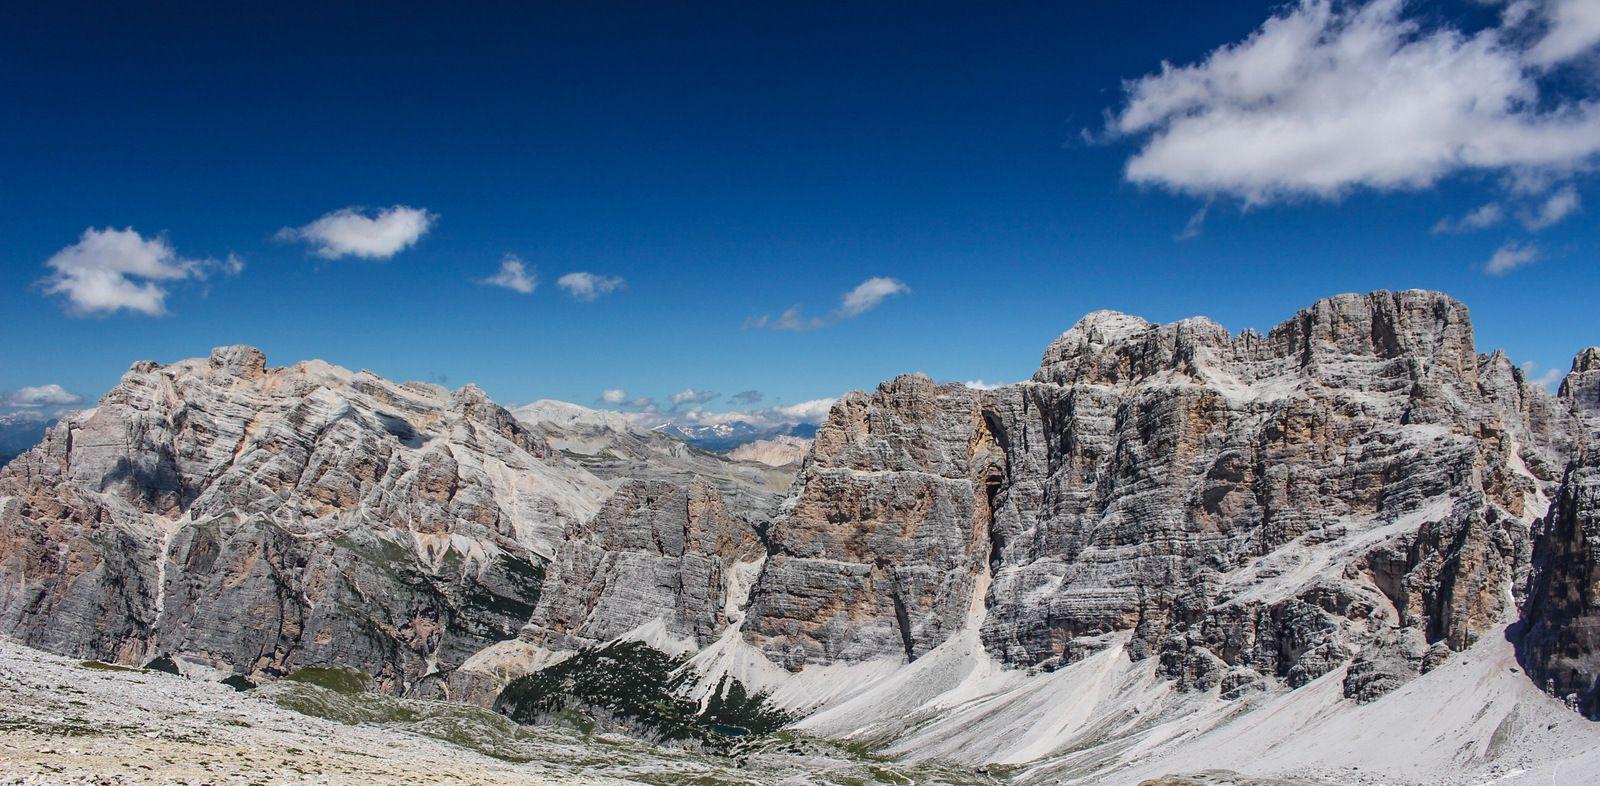 Road Trip Suisse Autriche Italie, Partie 2: Les Dolomites